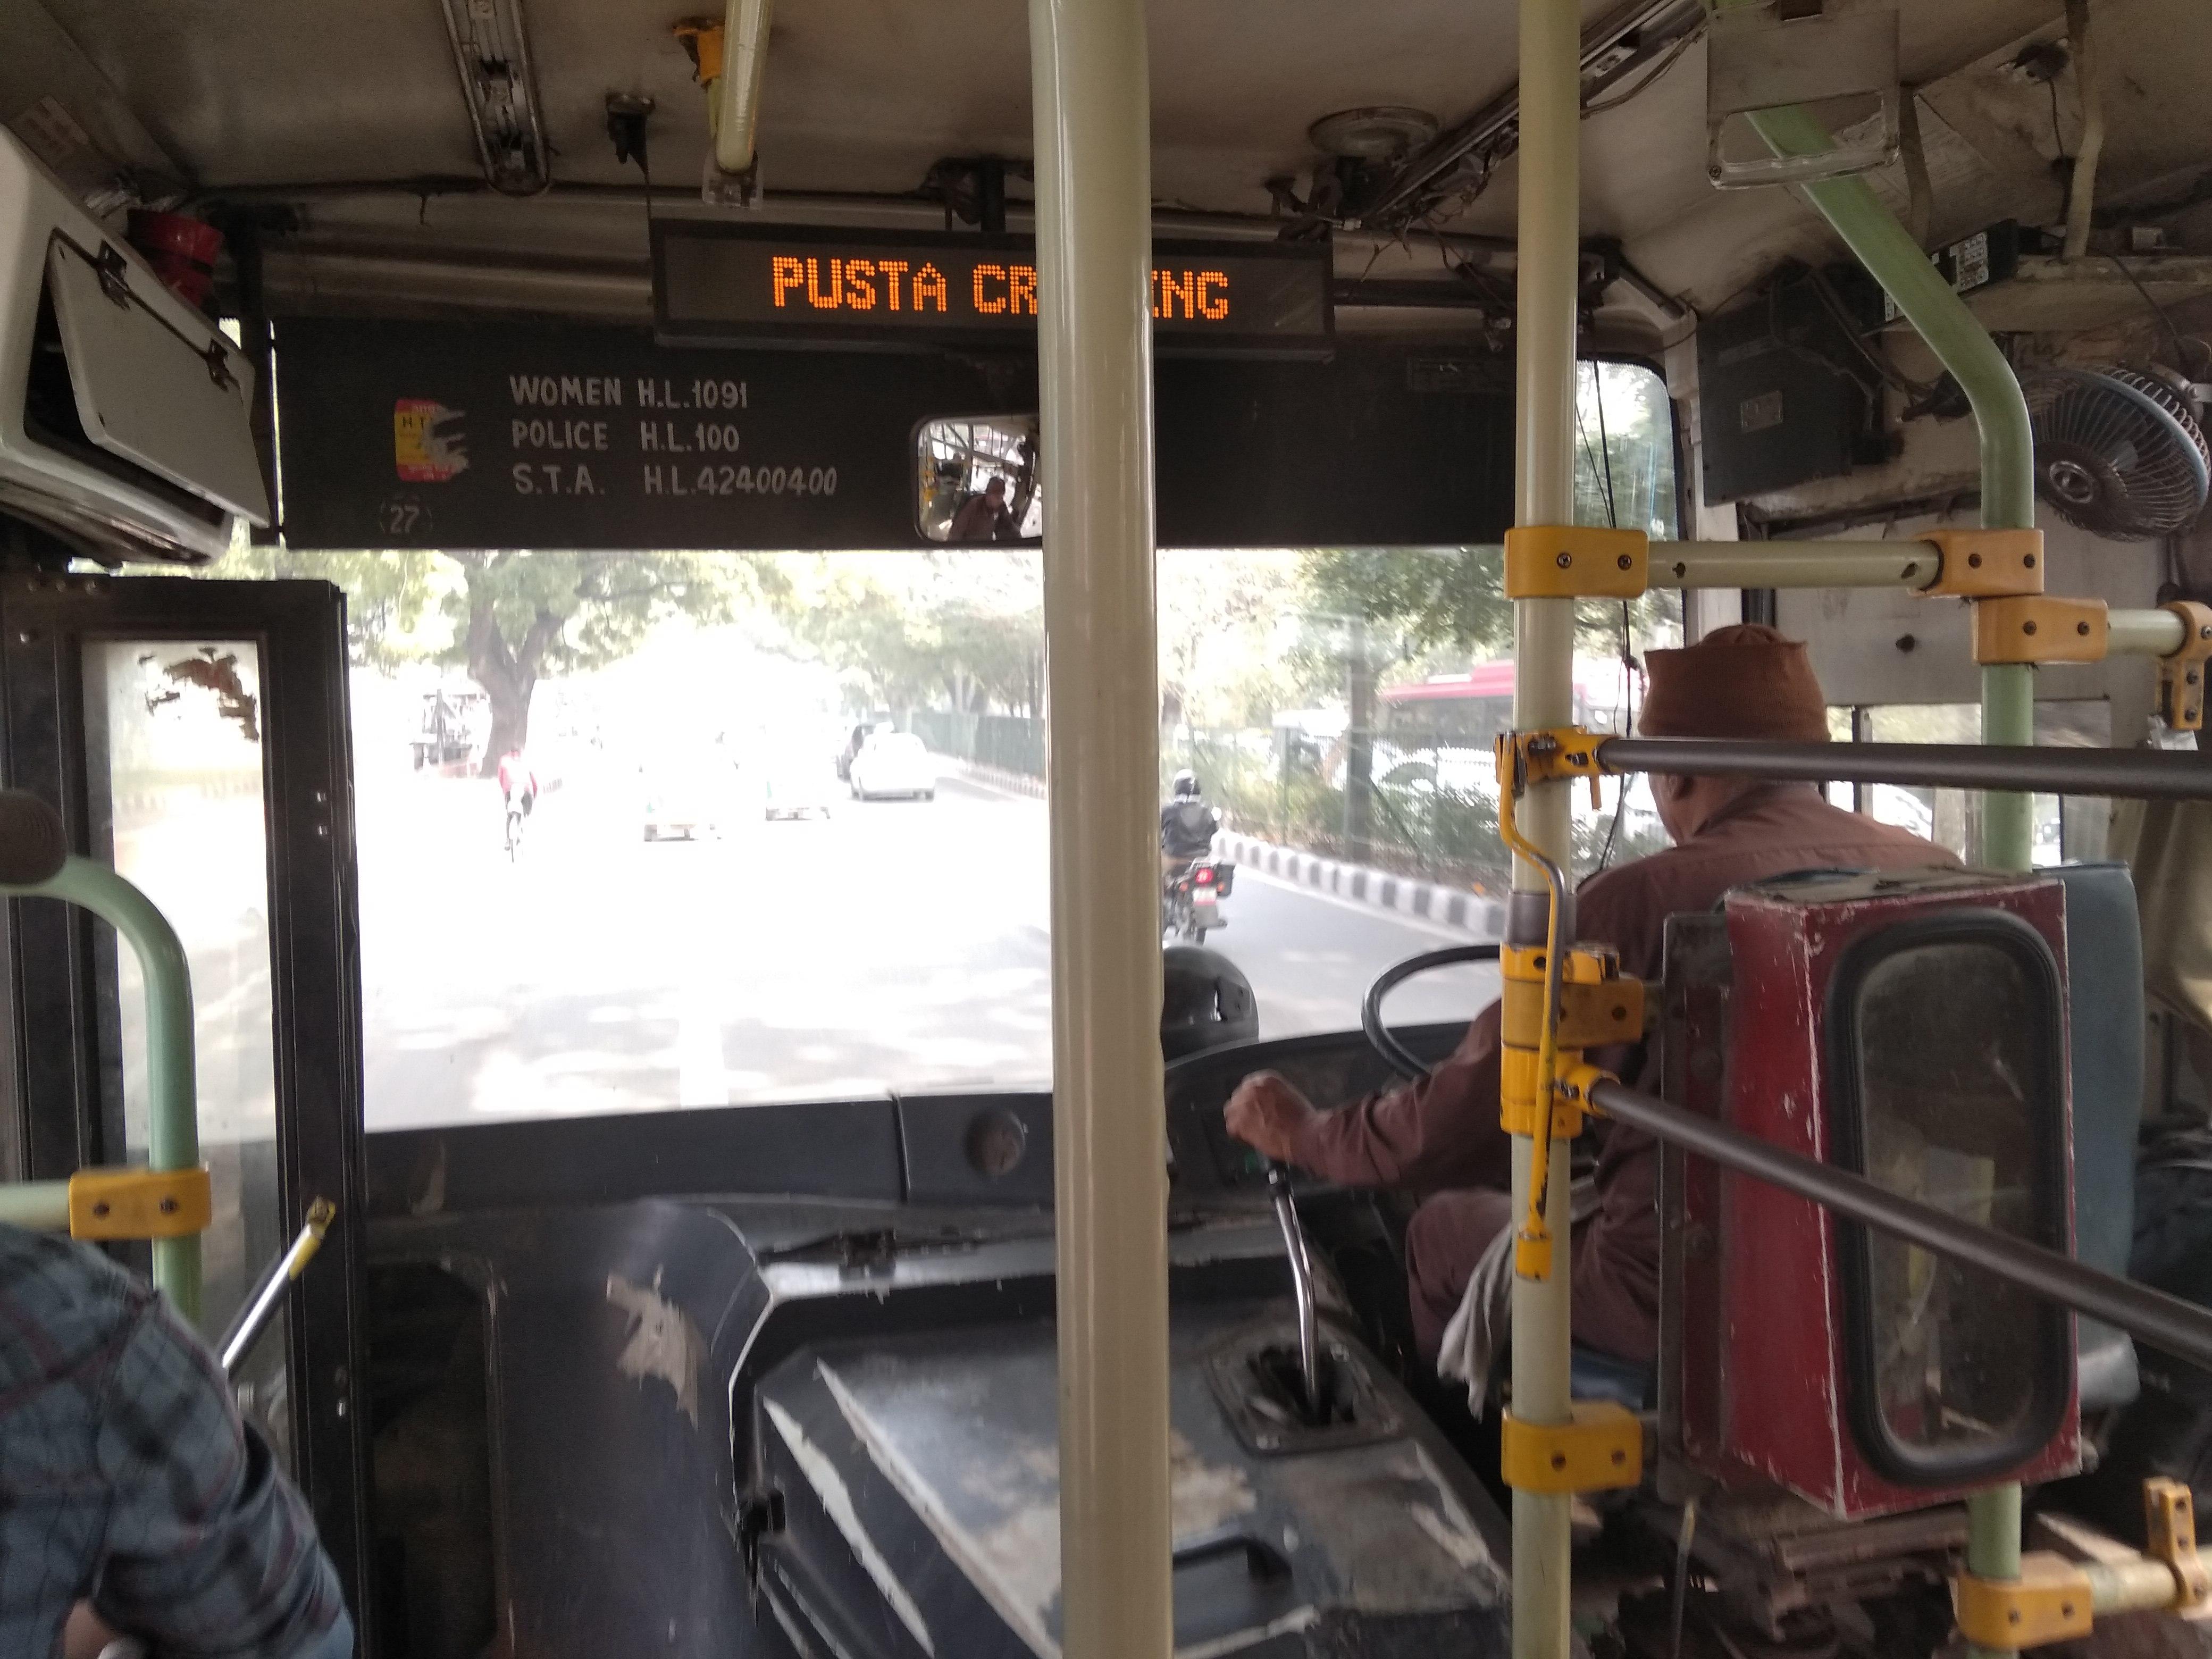 Legjobb meleg társkereső Delhiben